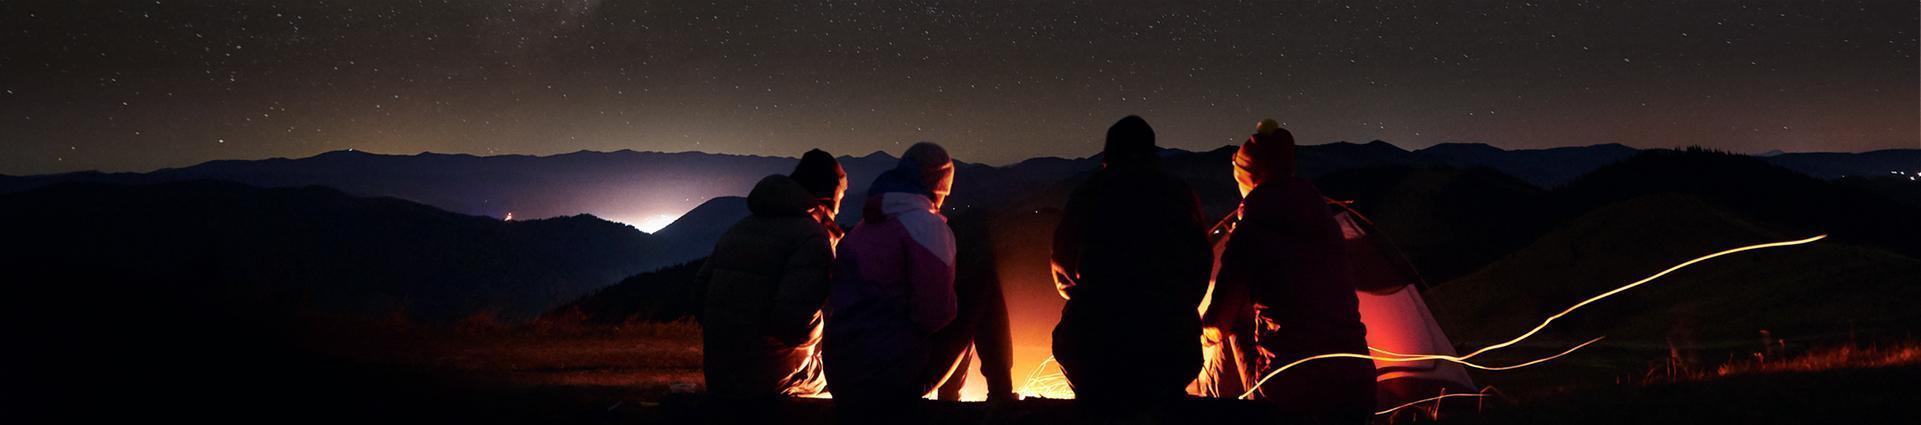 grupa przyjaciół przy ognisku podczas gwieździstej nocy banner